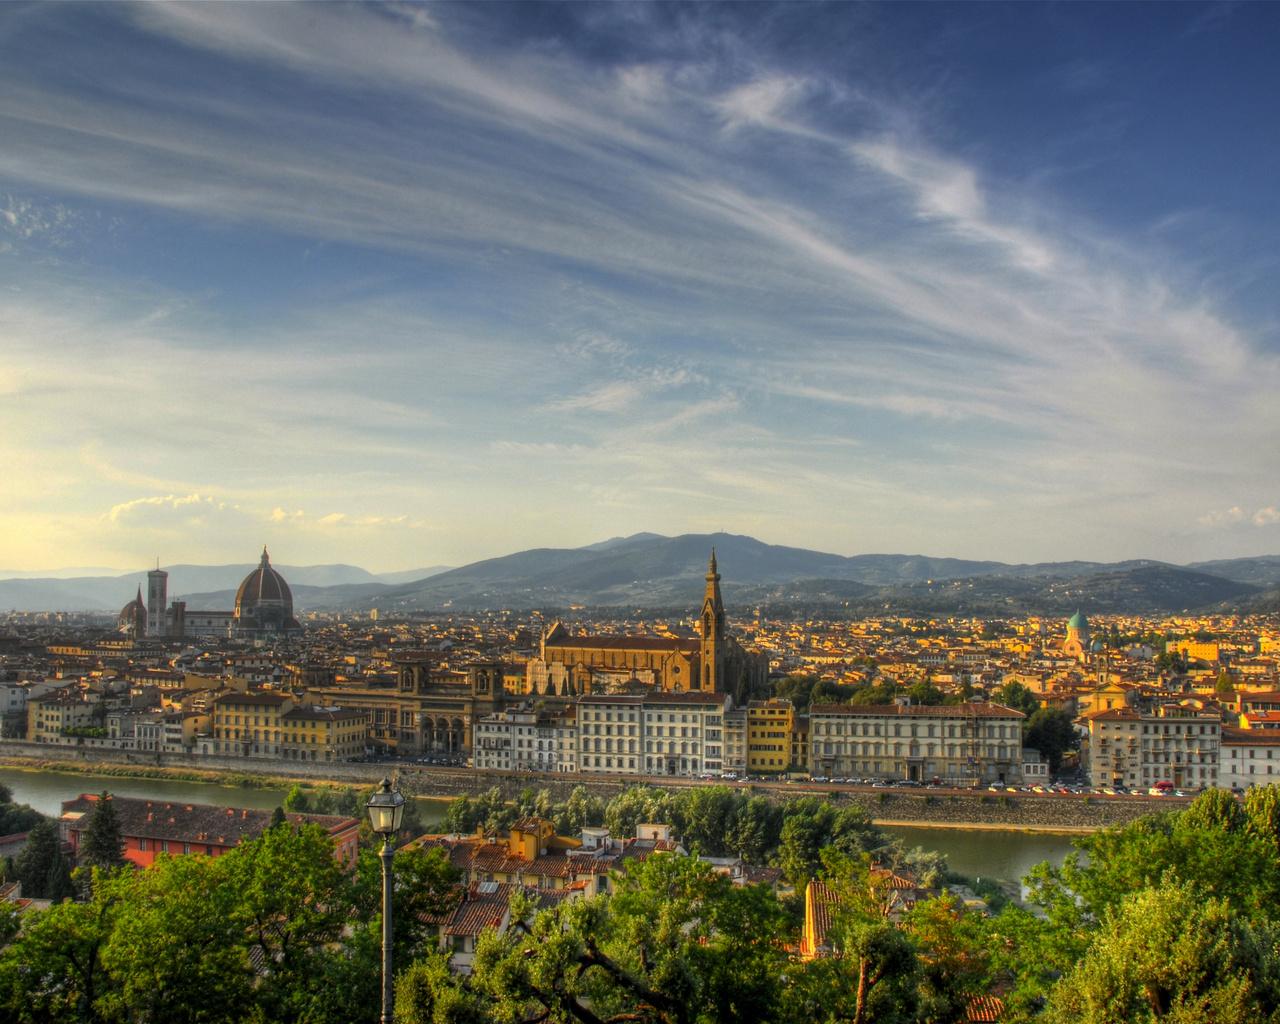 флоренция, italy, италия, Florence